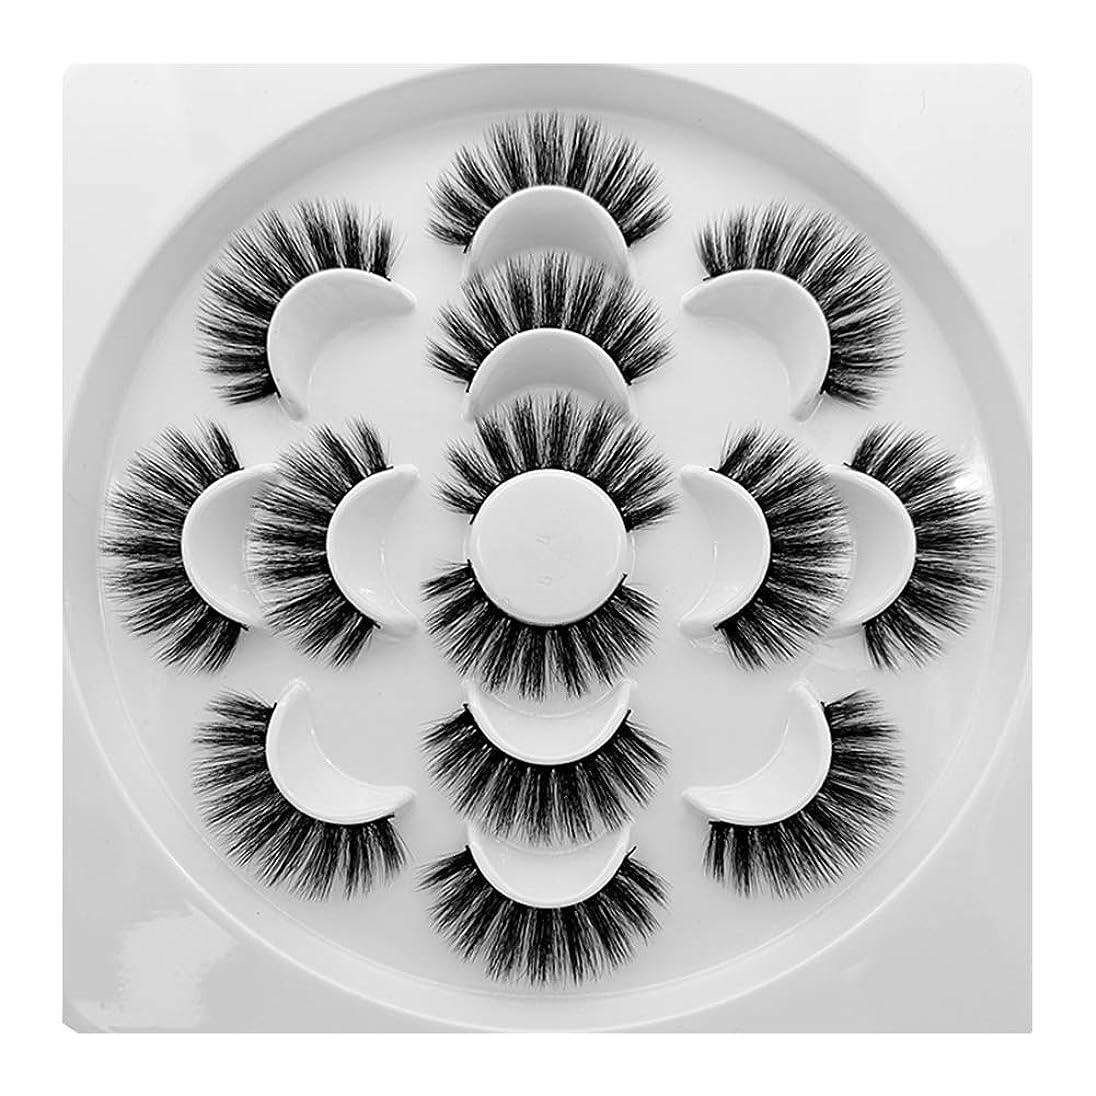 餌失態スマイルOutflower つけまつげ 上まつげ 7ペア 3D 柔らかい 濃密 アイメイク まつげセット 超軽量 高級繊維 手作り 使いやすい 人気